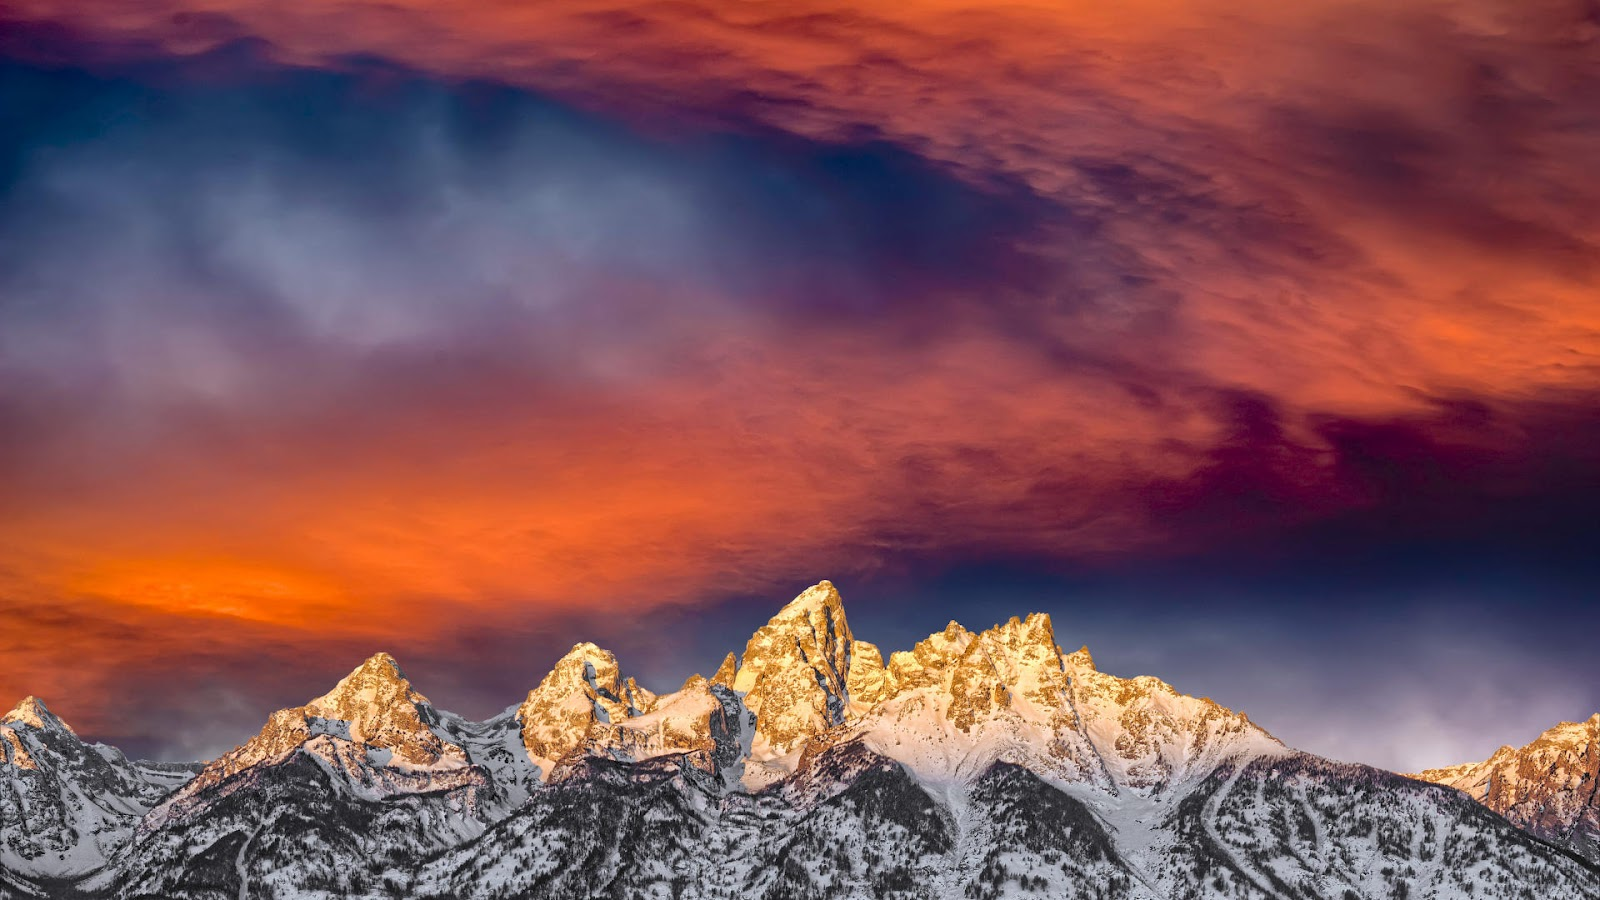 http://1.bp.blogspot.com/-7Imqr4YAKro/Tk0pEB4b45I/AAAAAAAAEaY/Tq6azl4Dmgg/s1600/Beautiful+Cold+Landscapes++HD+Wallpaper+1920+X+1080+32.jpg